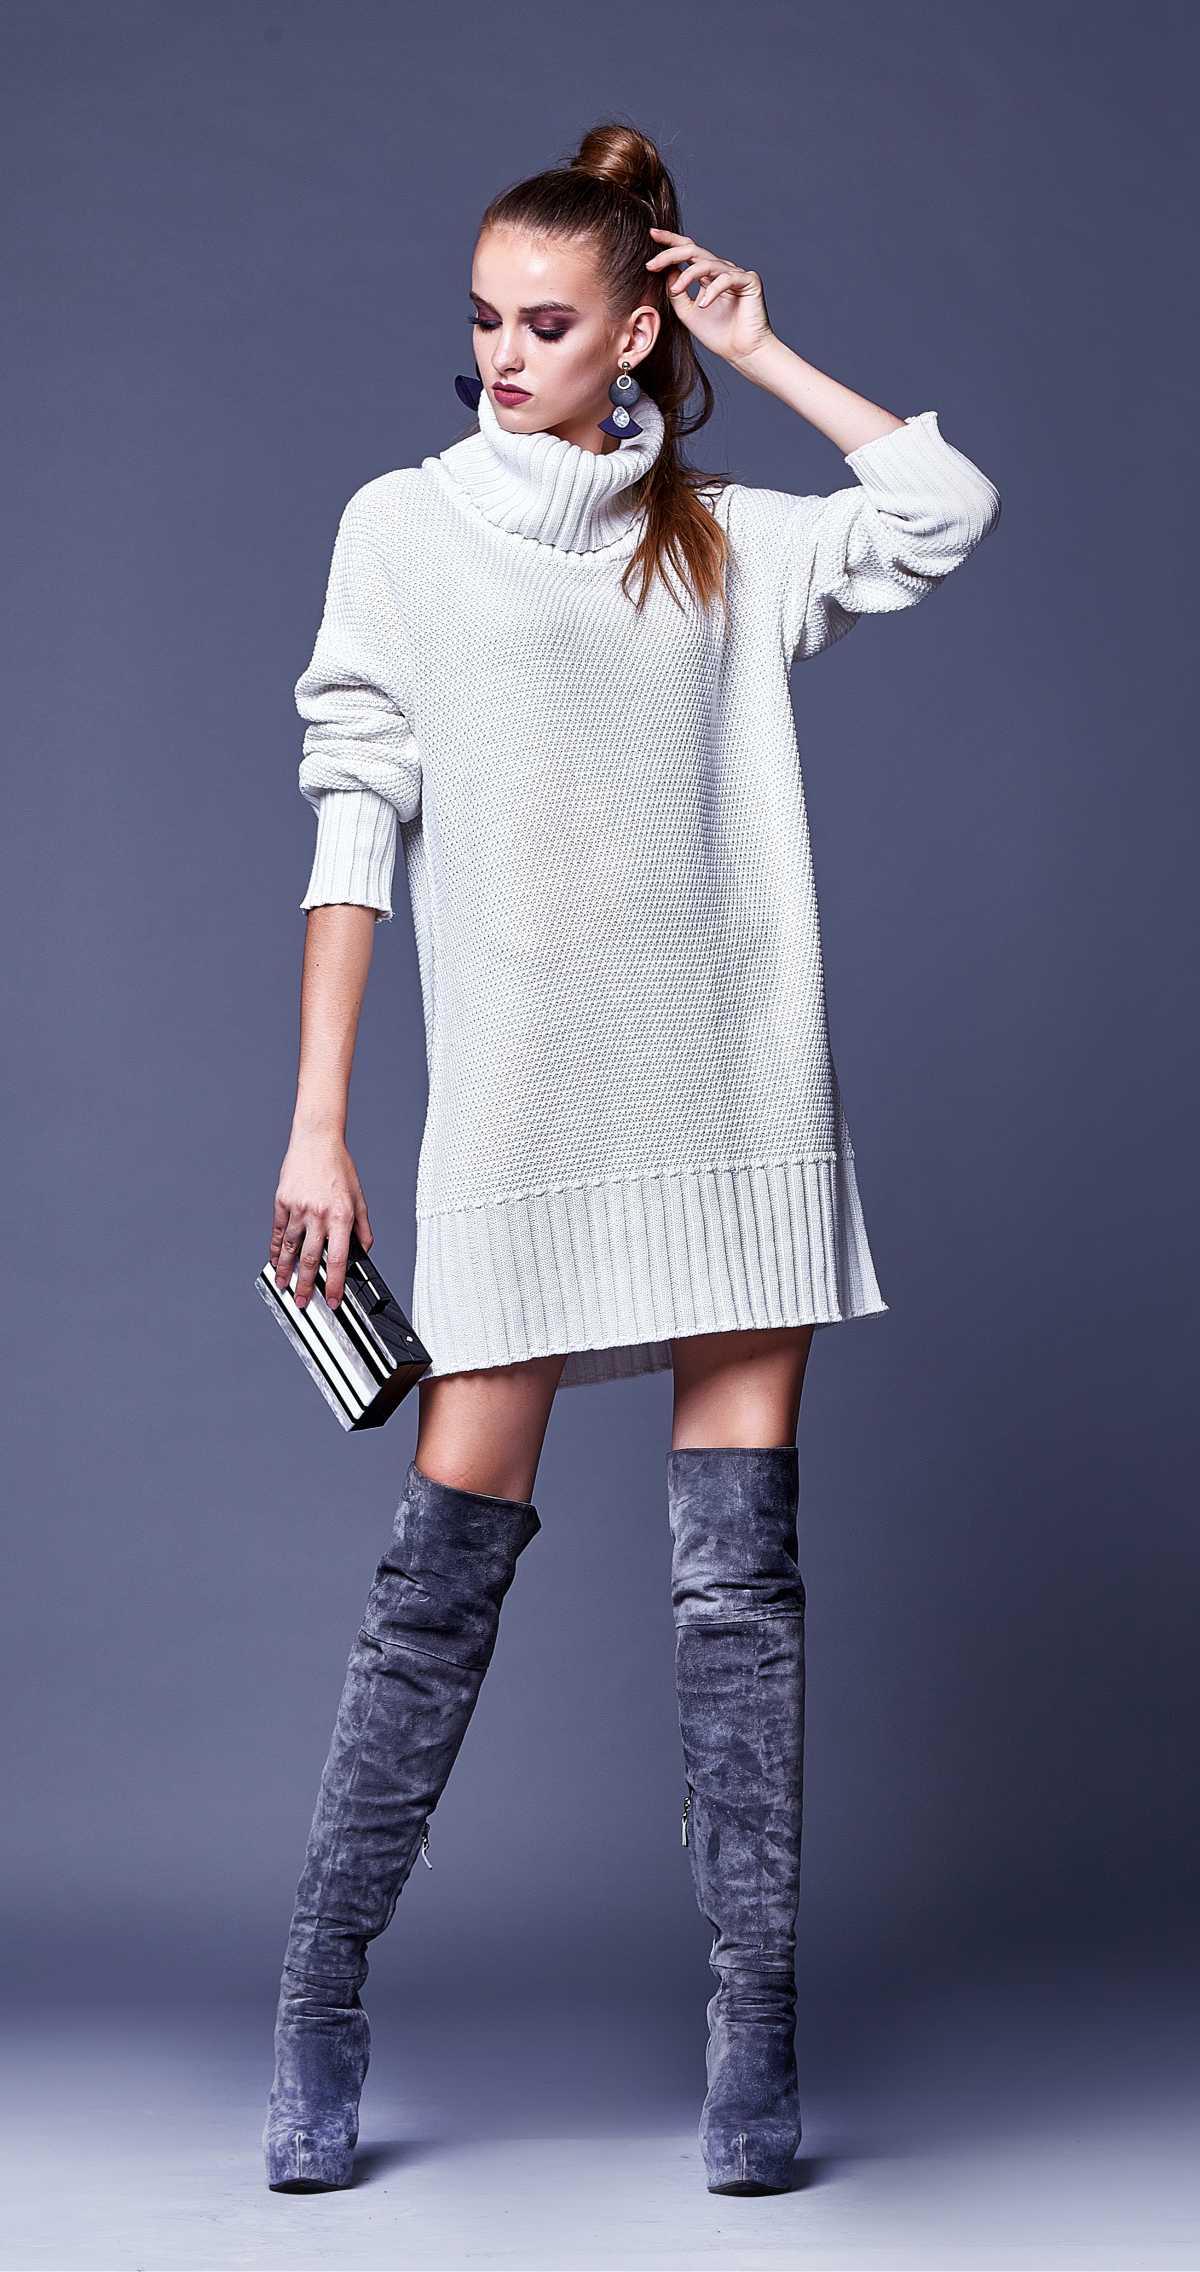 vestido de tricô é uma das peças de tricô trends deste inverno